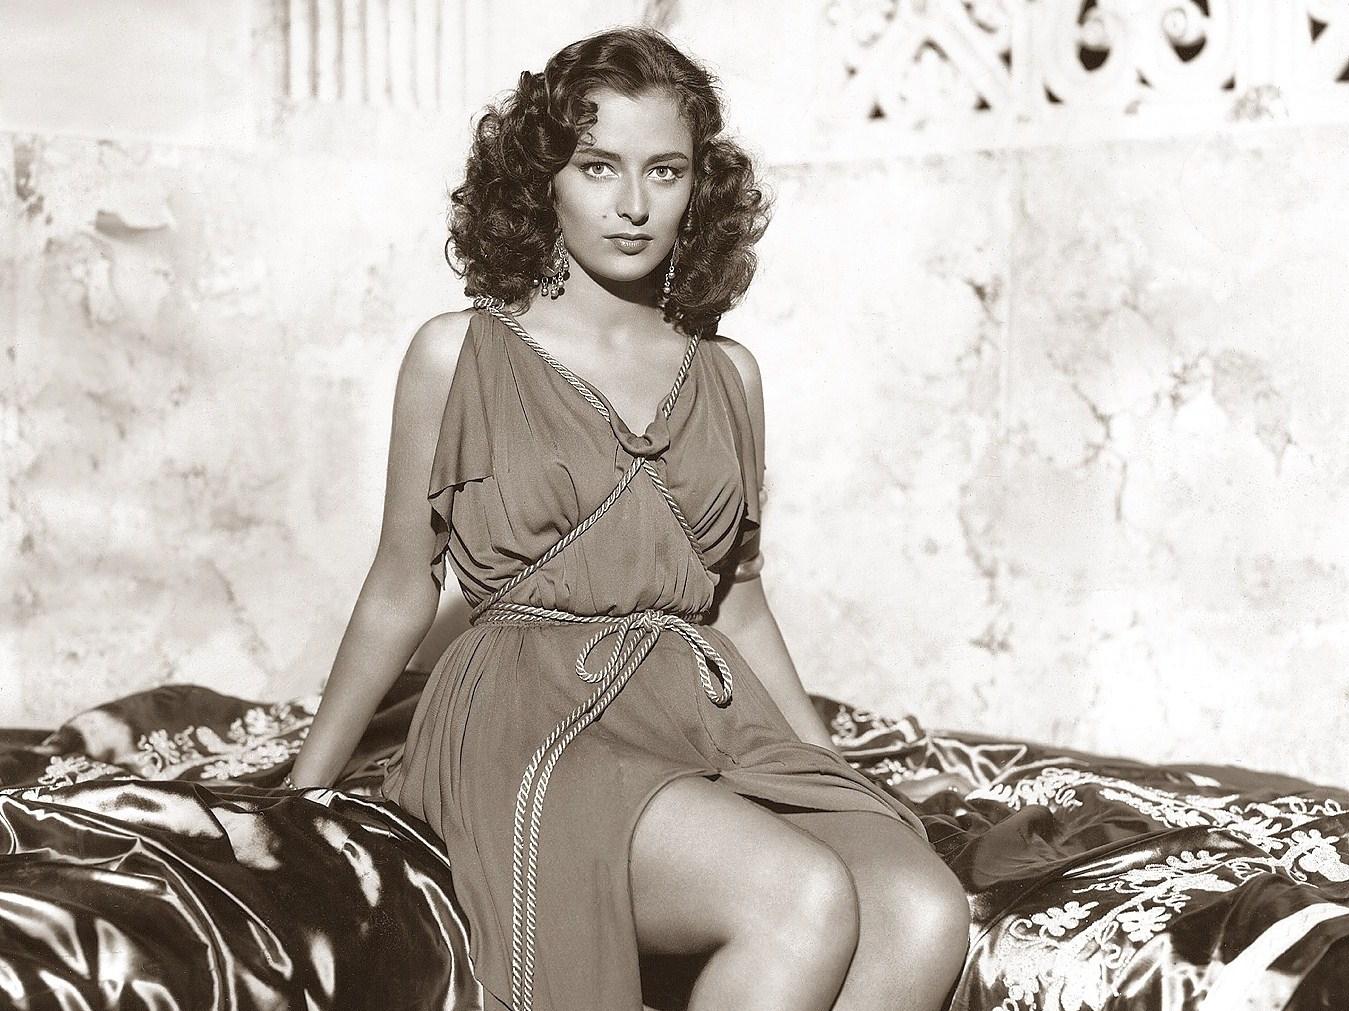 Marina Berti